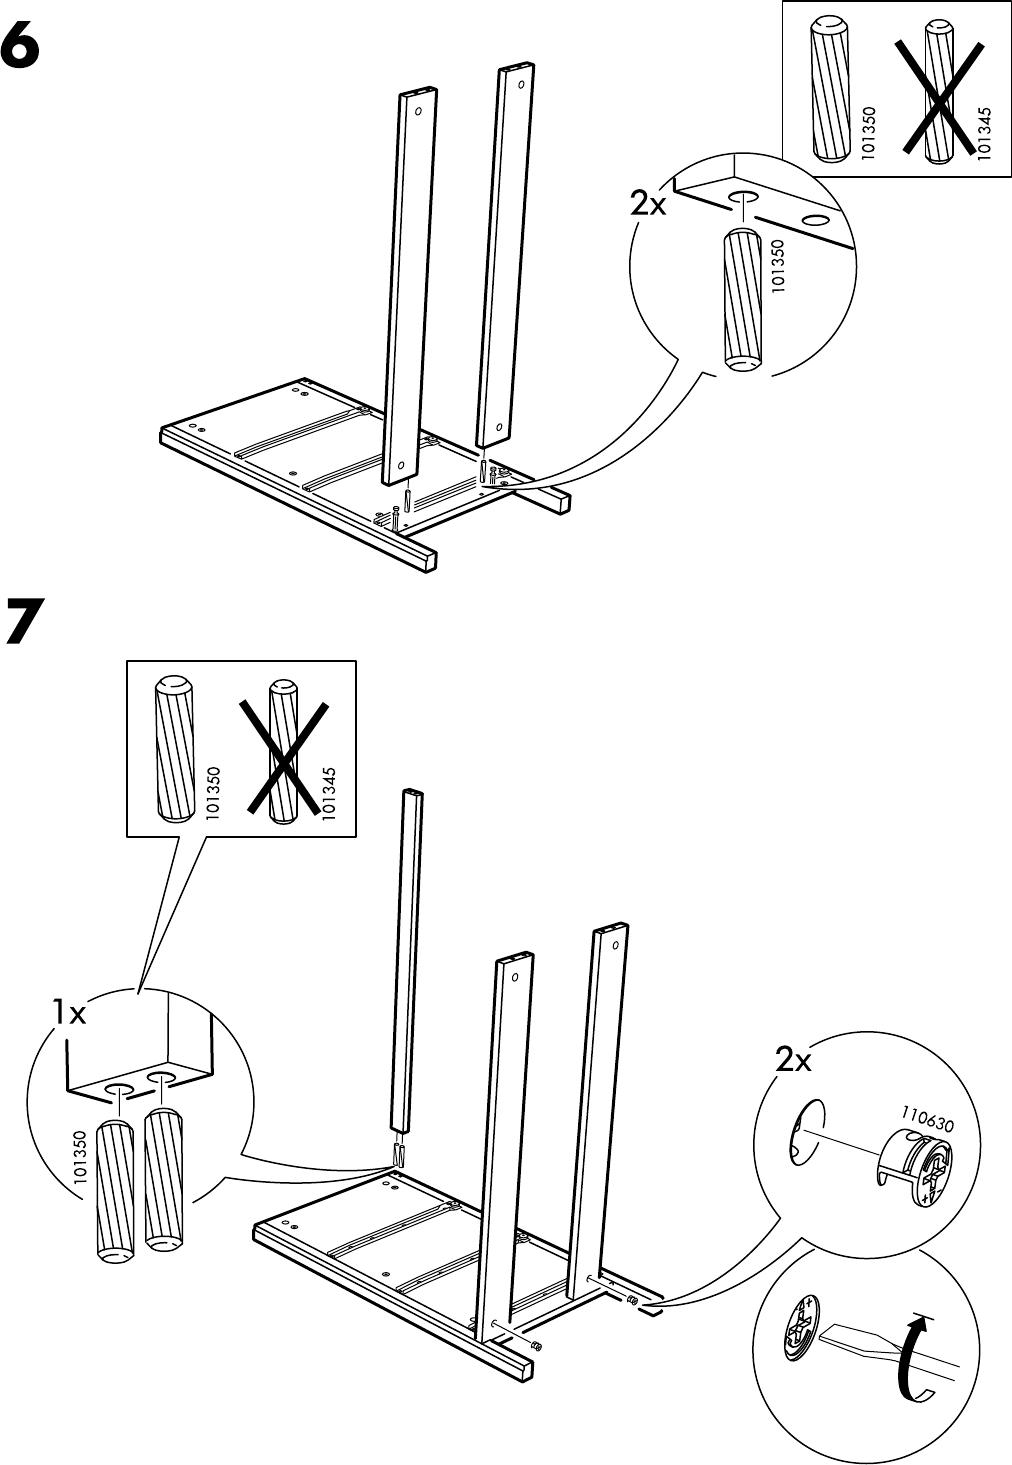 bedienungsanleitung ikea koppang ladekast 3 lades seite 6 von 16 d nisch deutsch englisch. Black Bedroom Furniture Sets. Home Design Ideas